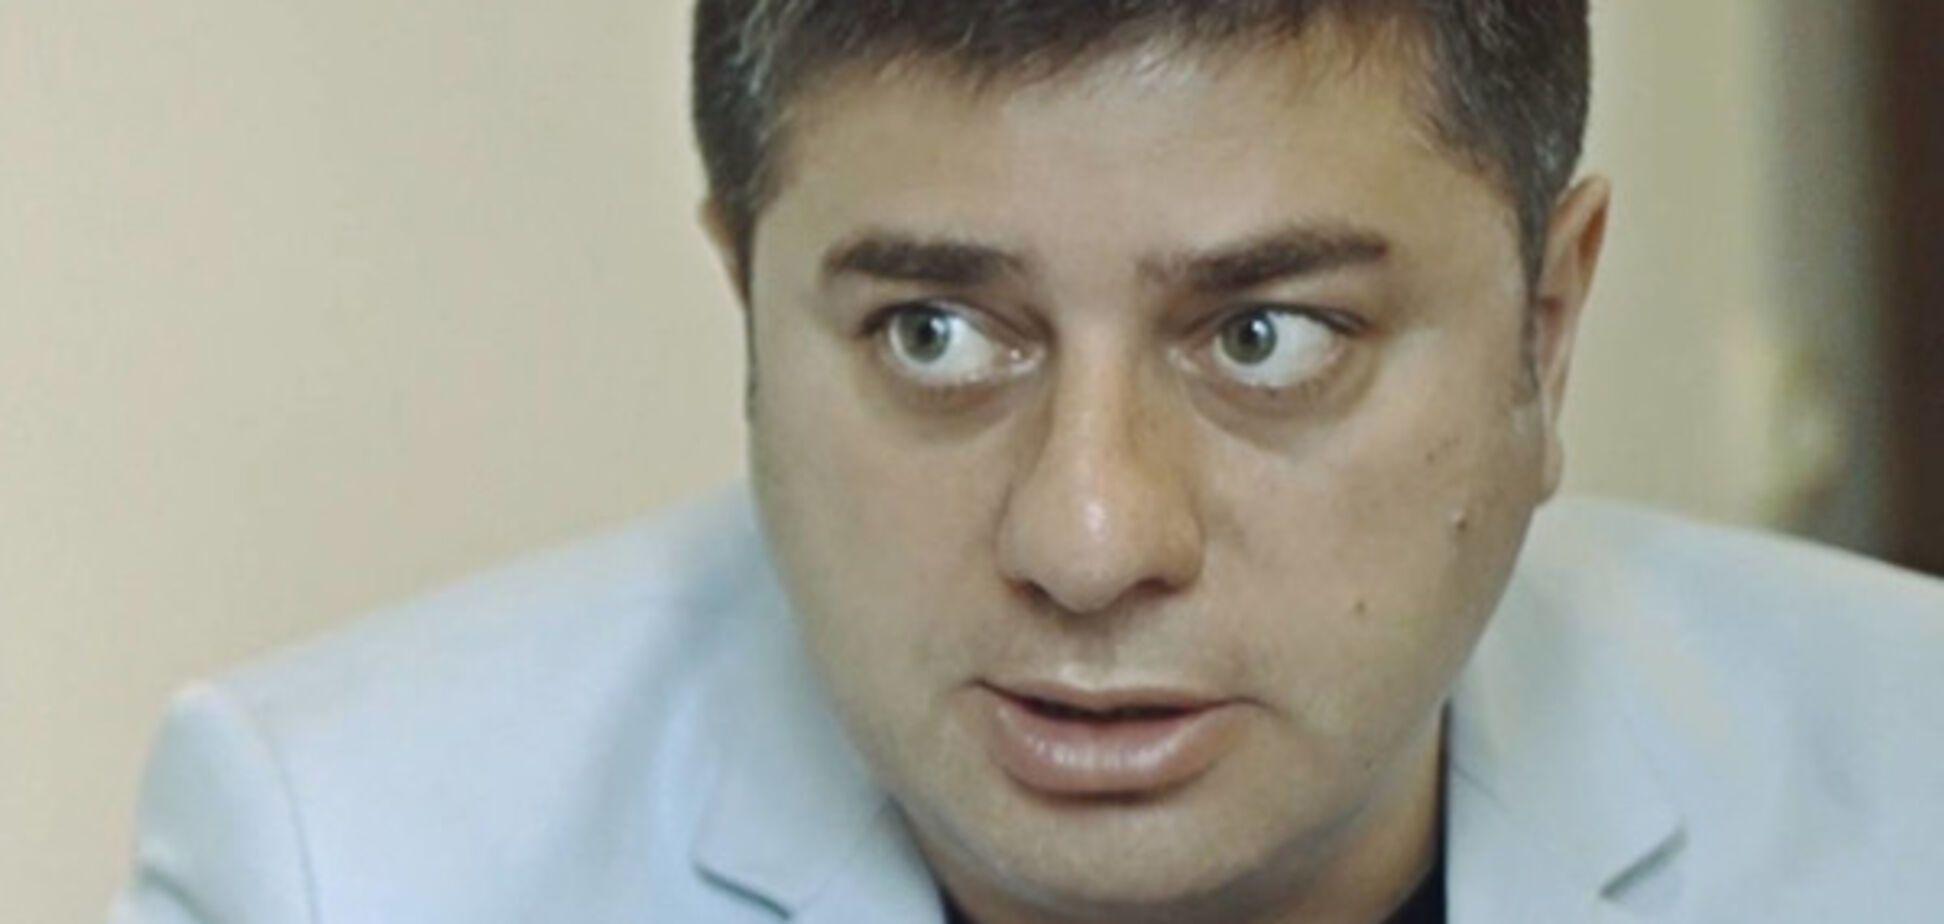 Закария Куцнашвили: Саакашвили создал элитарную коррупцию в Грузии